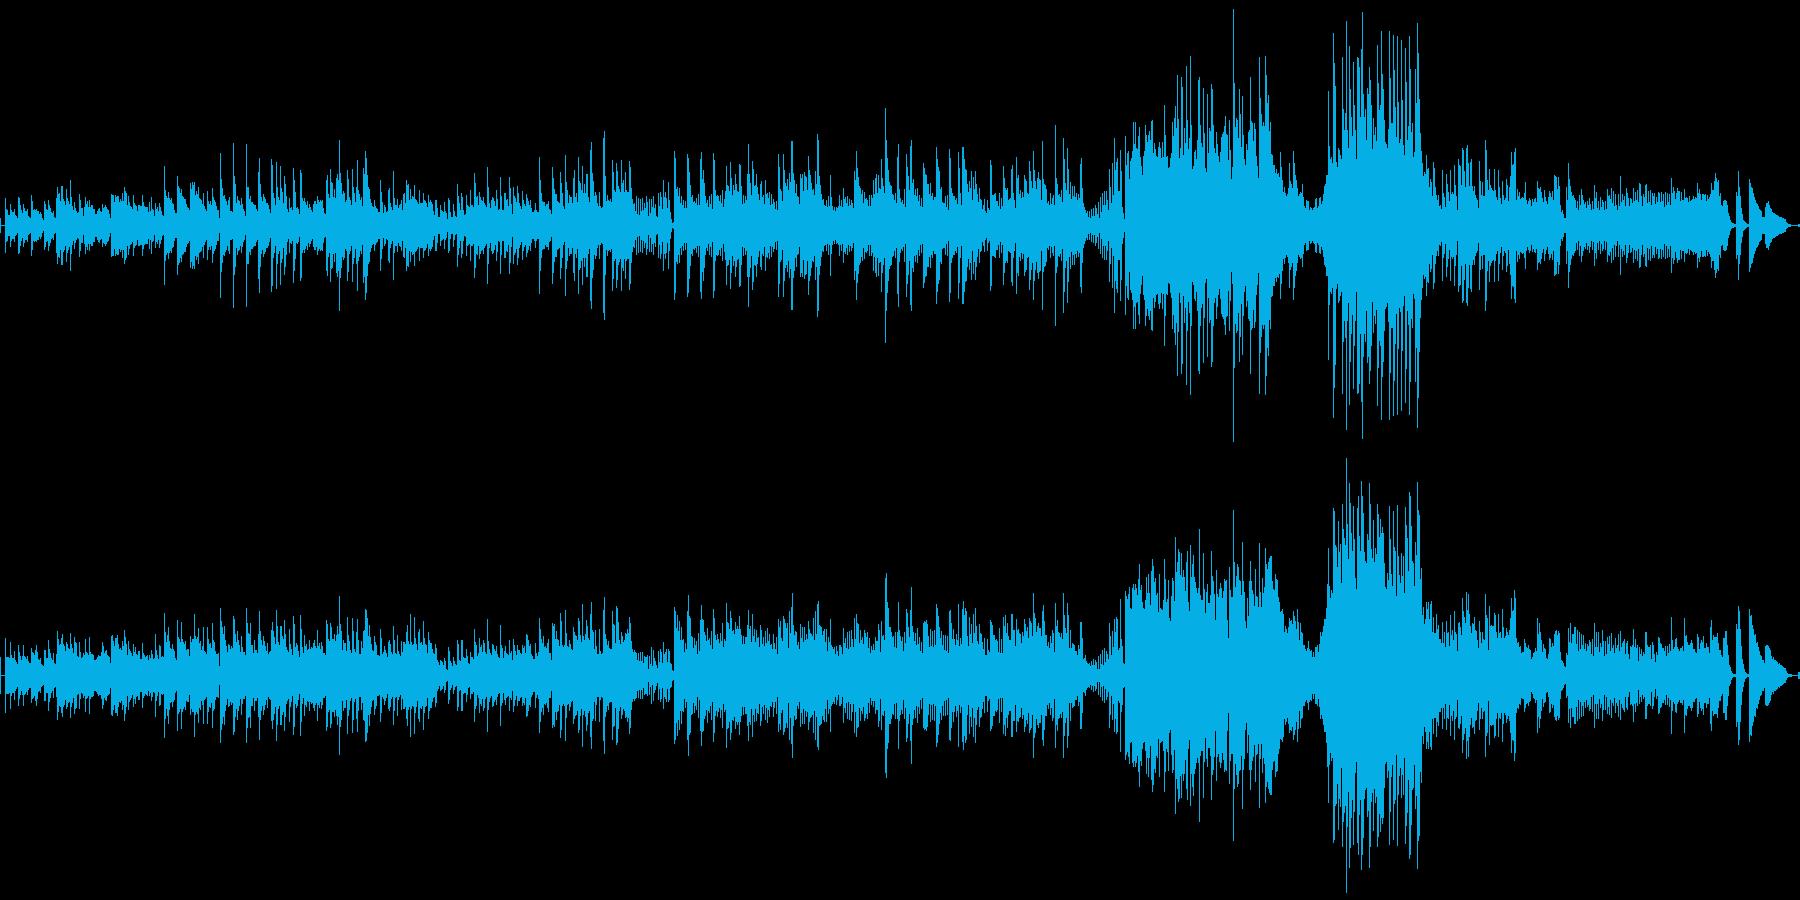 ワルツ 第2番 ピアノソロ版の再生済みの波形